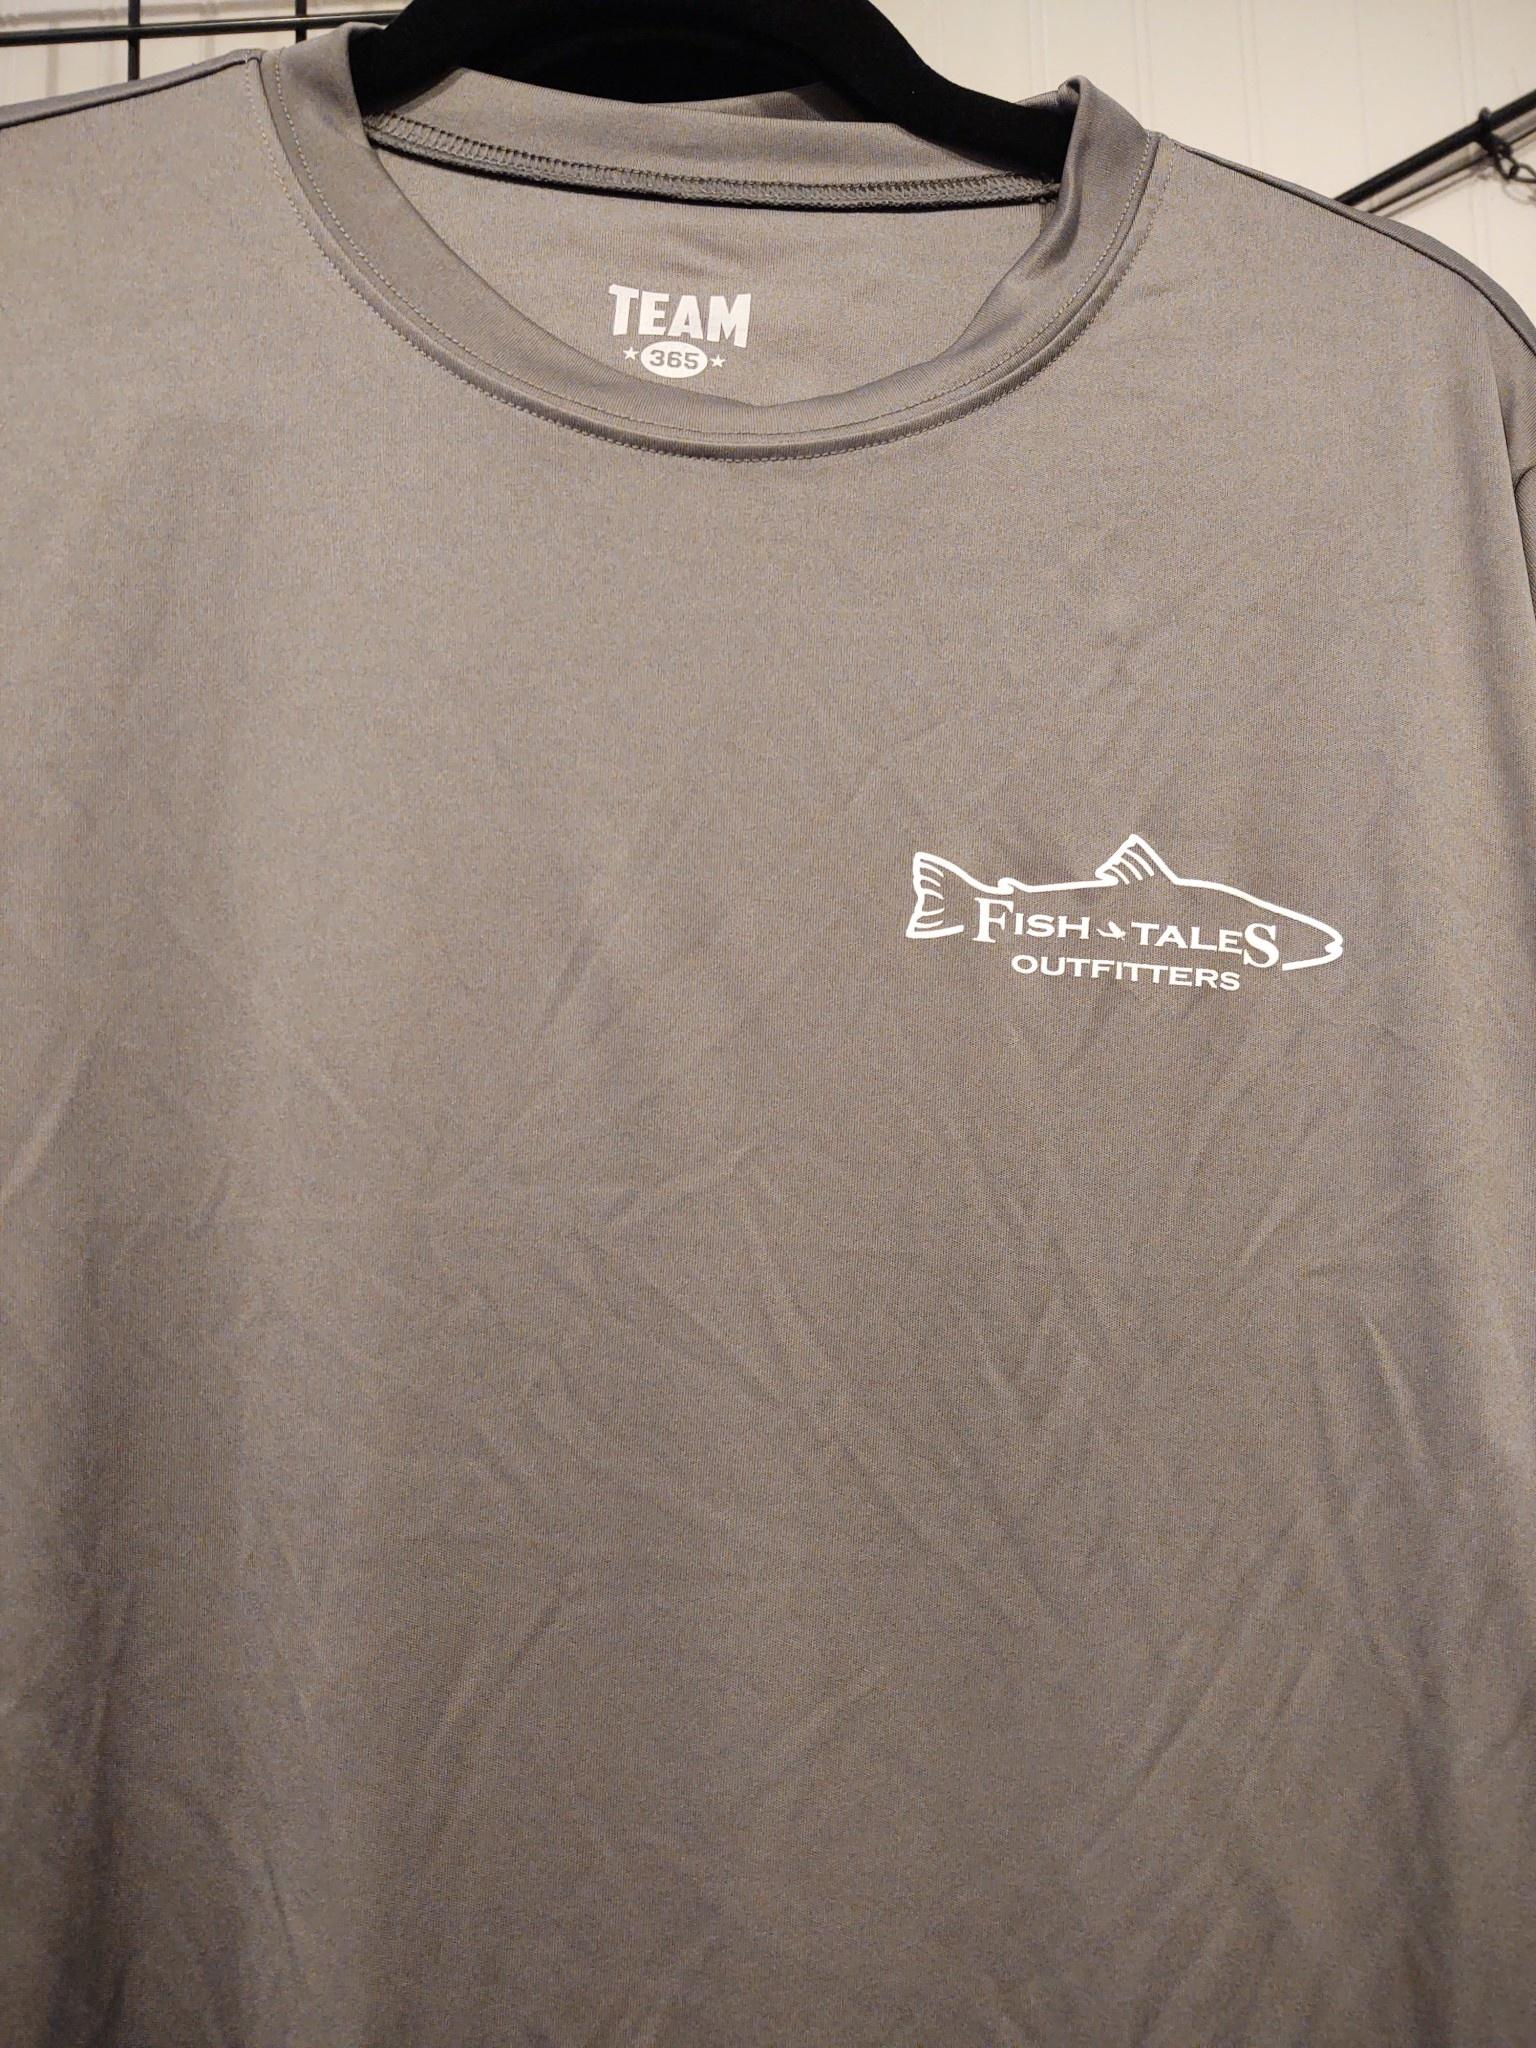 Fish Tales Fish Tales Shirt - Long Sleeve  - Front Logo - Tan